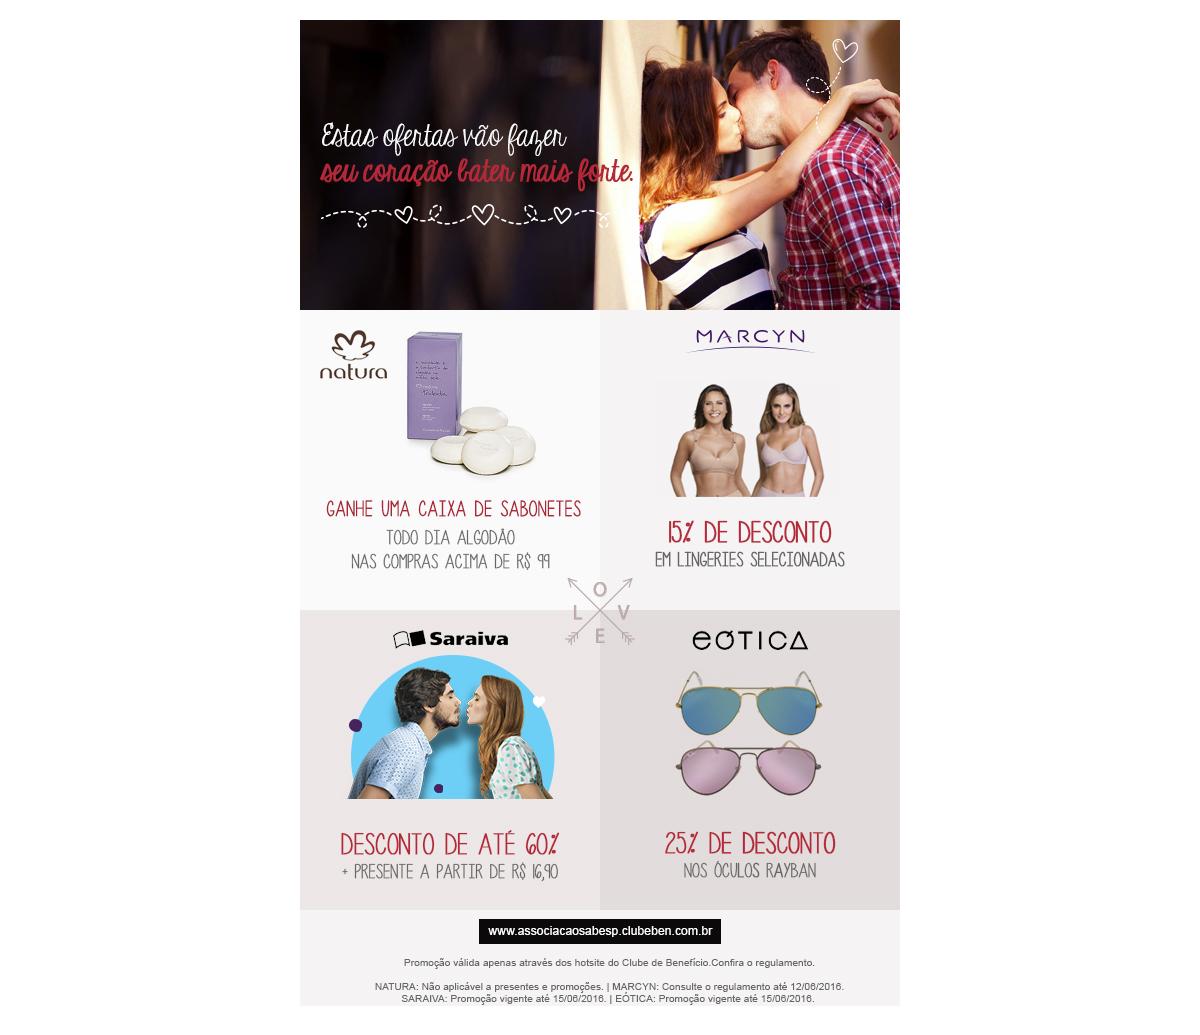 Associação Sabesp - Promoção Dia dos Namorados fc9ad5aa09